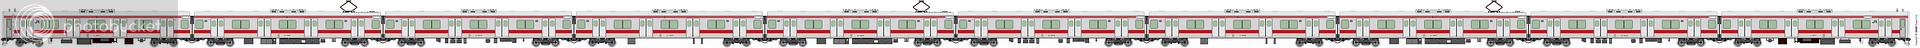 鐵路列車 1975